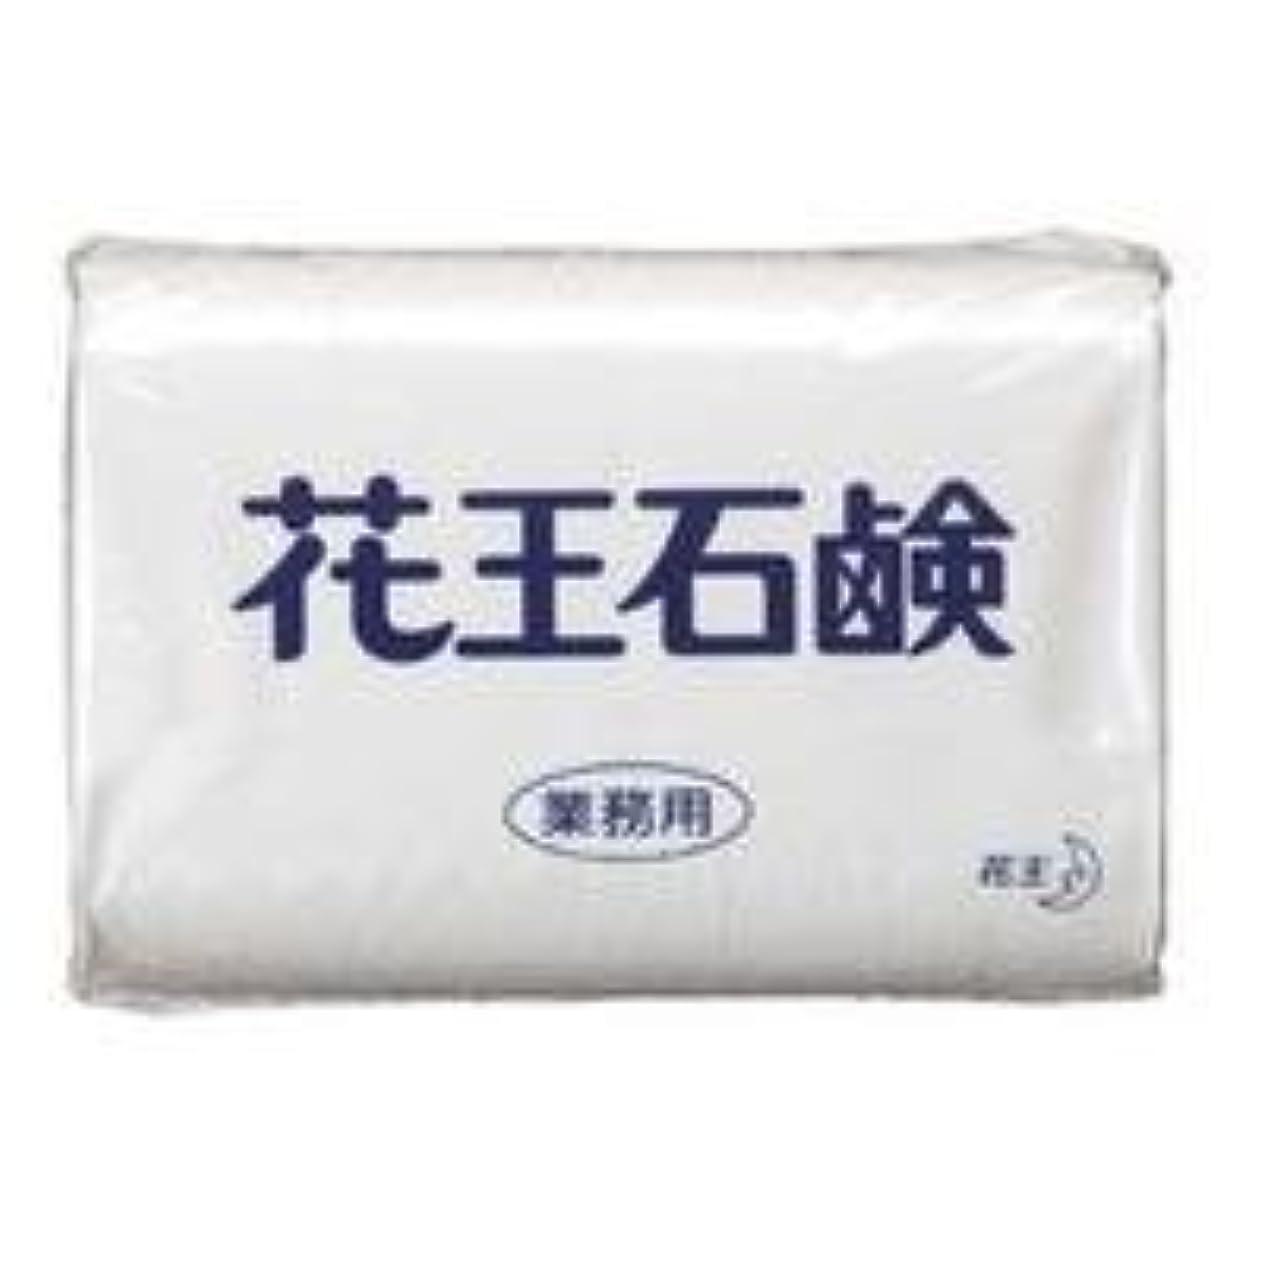 約ランチョンカトリック教徒業務用石鹸 85g 3個×40パック(120個入り)